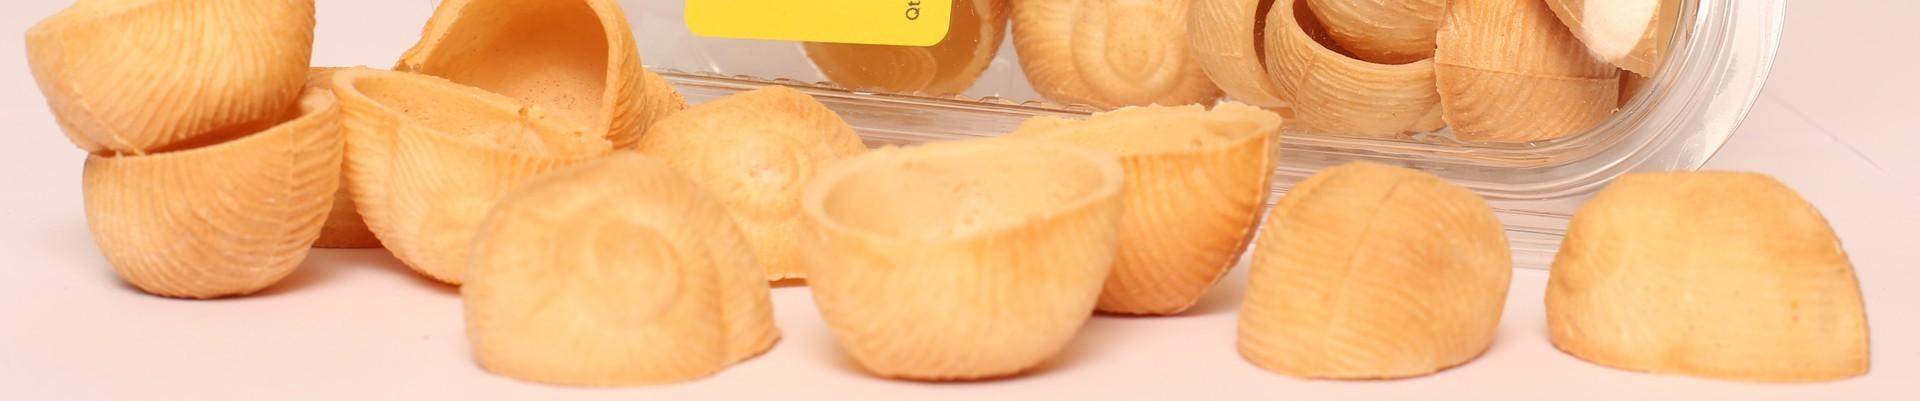 Croquilles - Les produits de Provence - Escargots, Truffes, Miel - Enclave des Papes